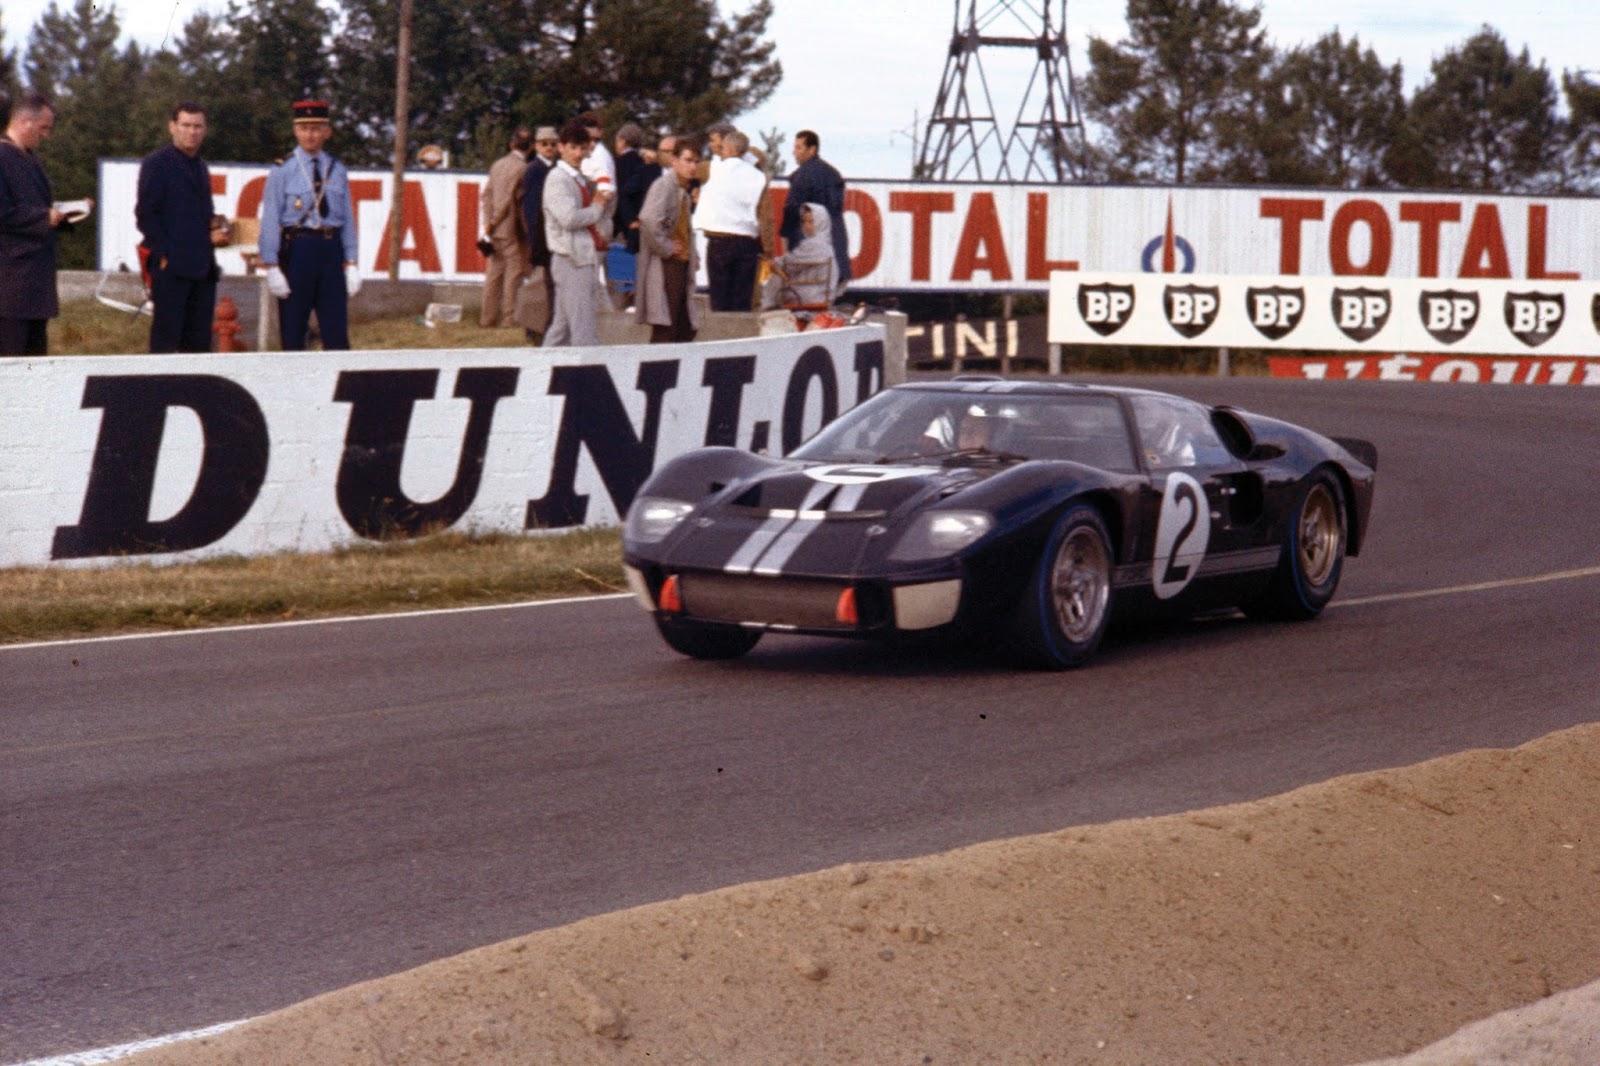 1966 Le Mans 0554 3252 2890 18